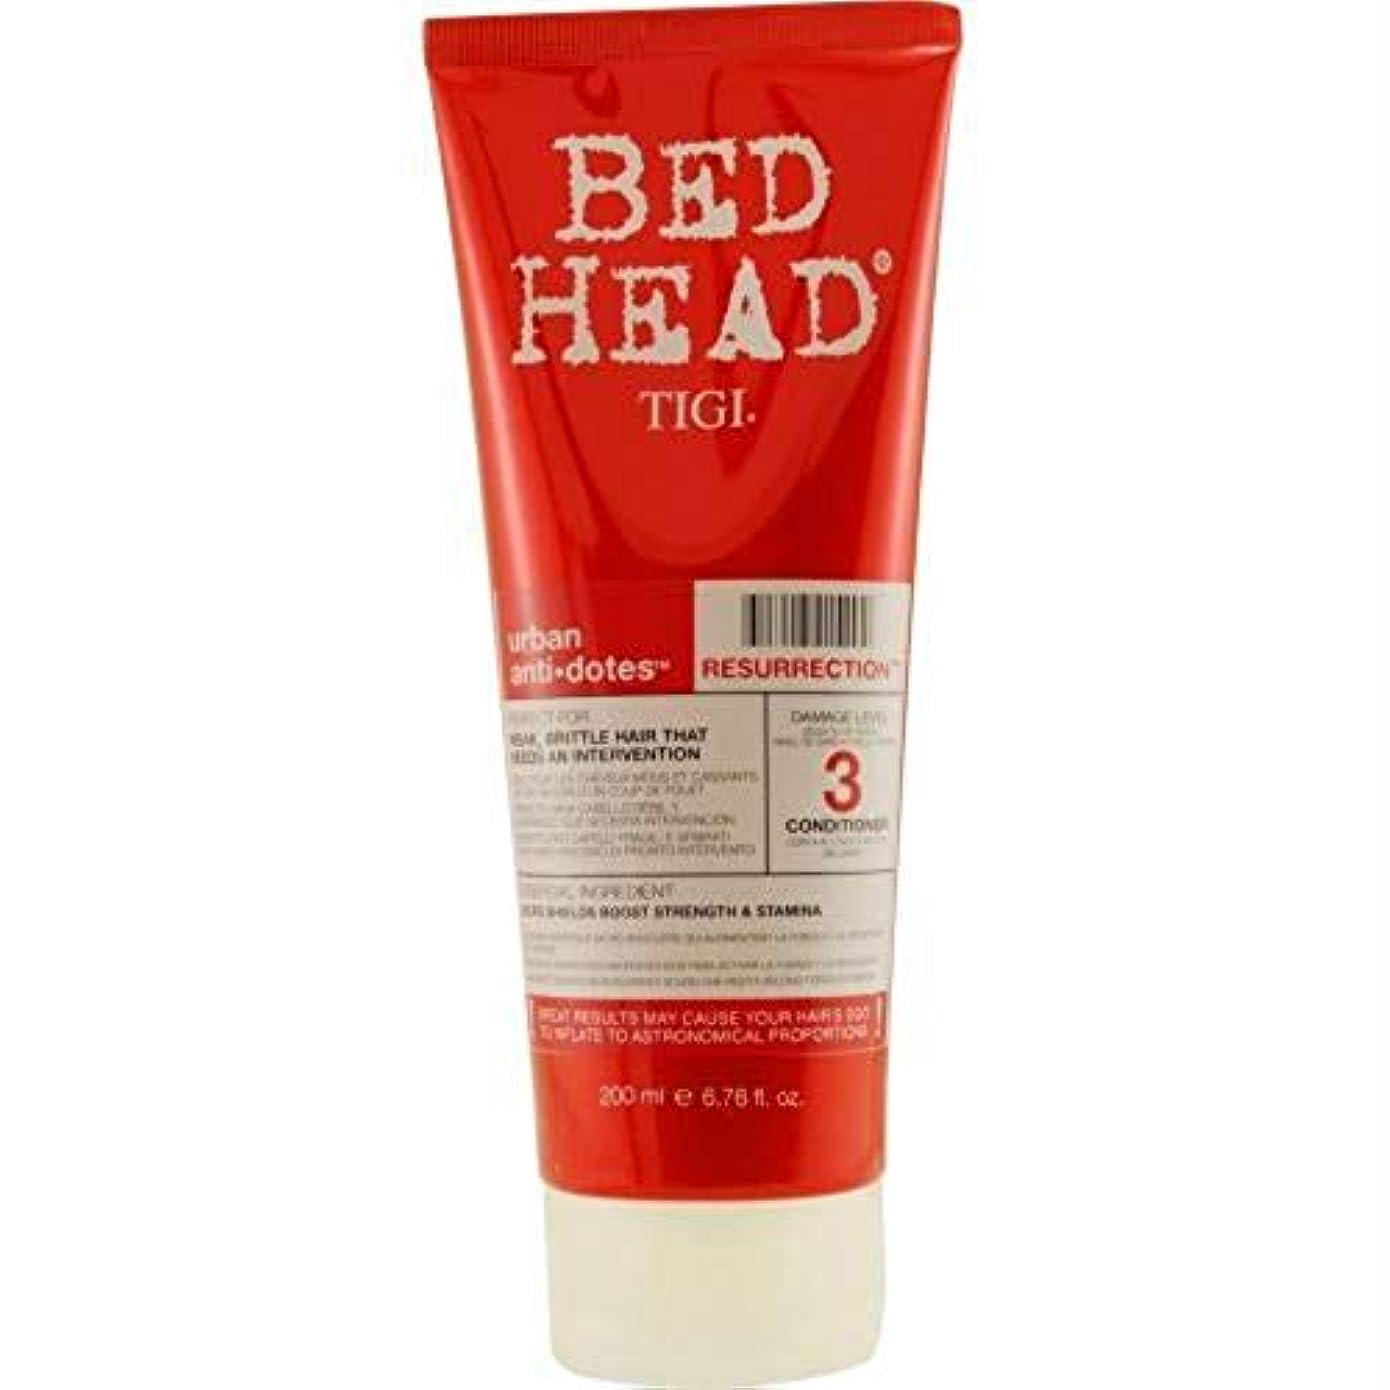 ピケ投げる沼地ティジー ベッドヘッドアーバンアンチドート髪再生コンディショナー 200ml (並行輸入品)